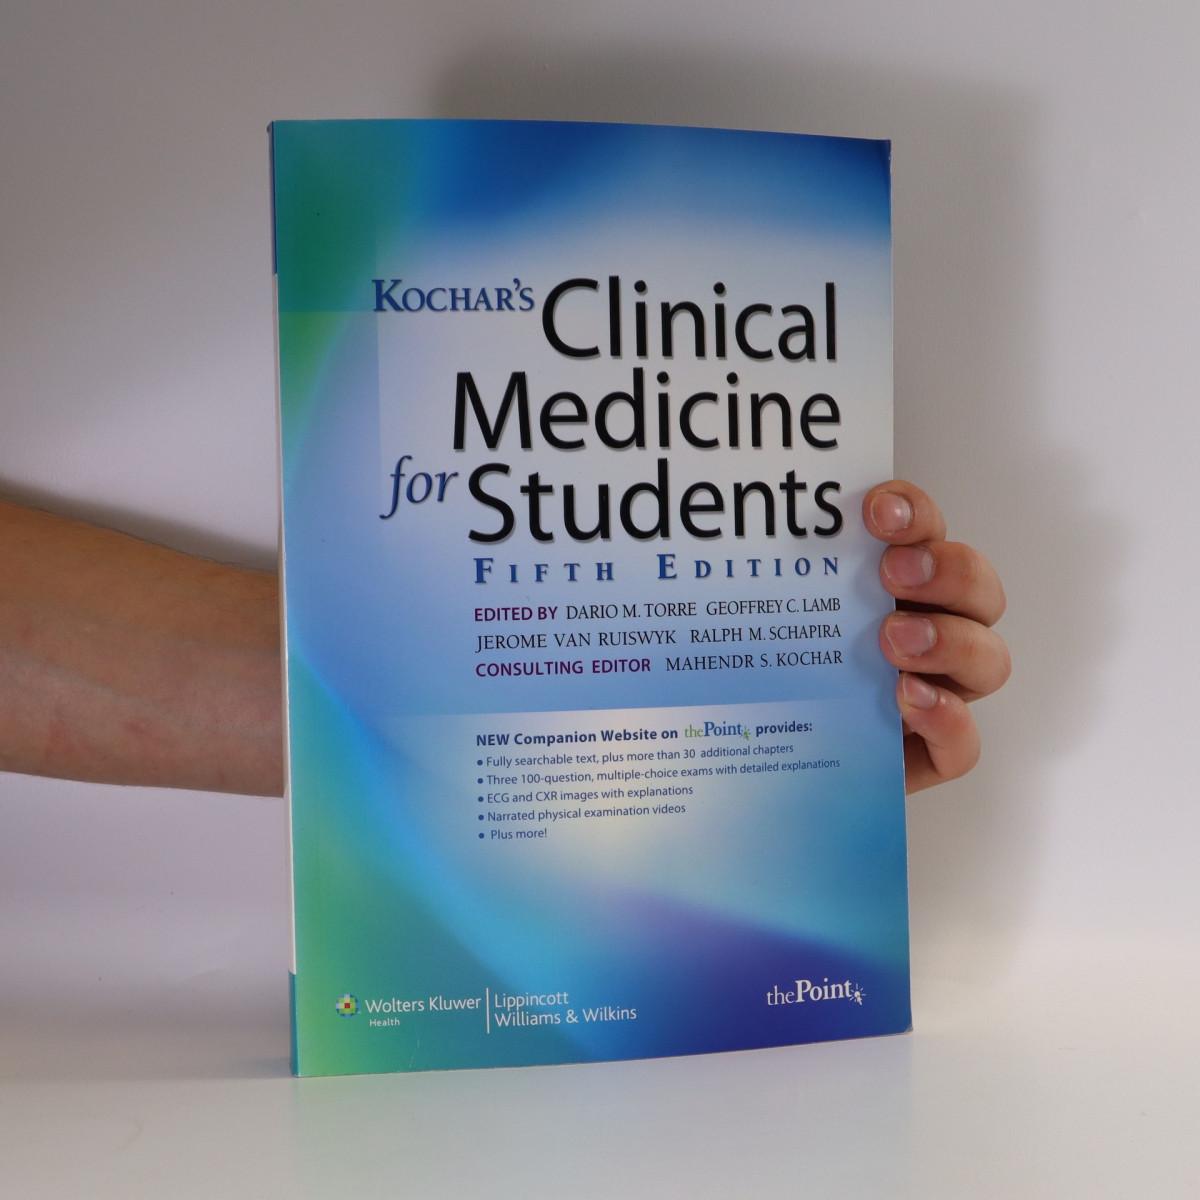 antikvární kniha Kochar's clinical medicine for students, 2009